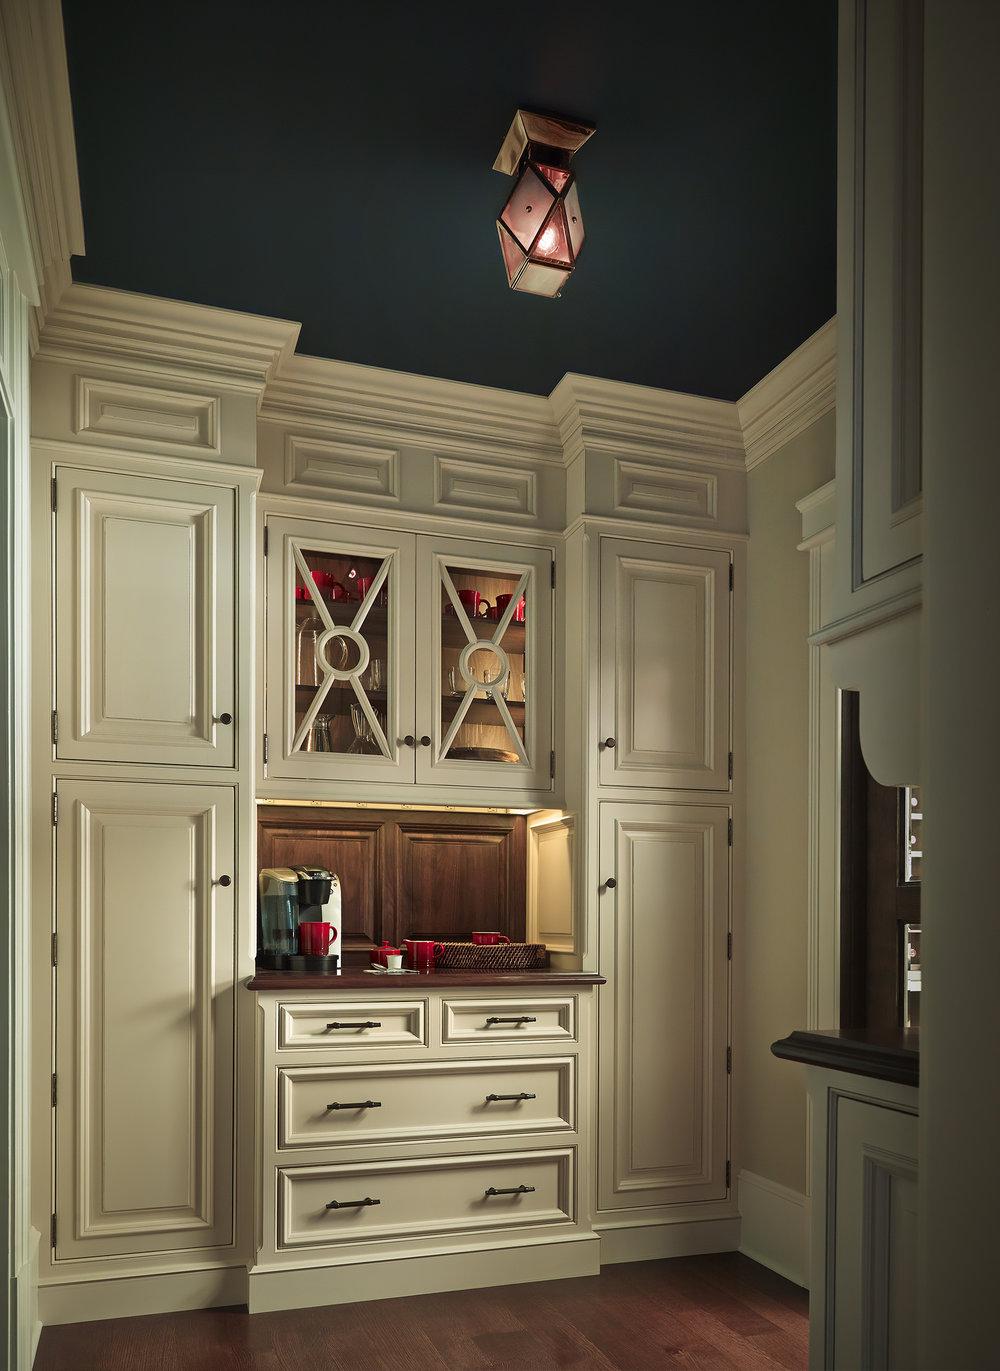 Keurig-Cabinet703.jpg